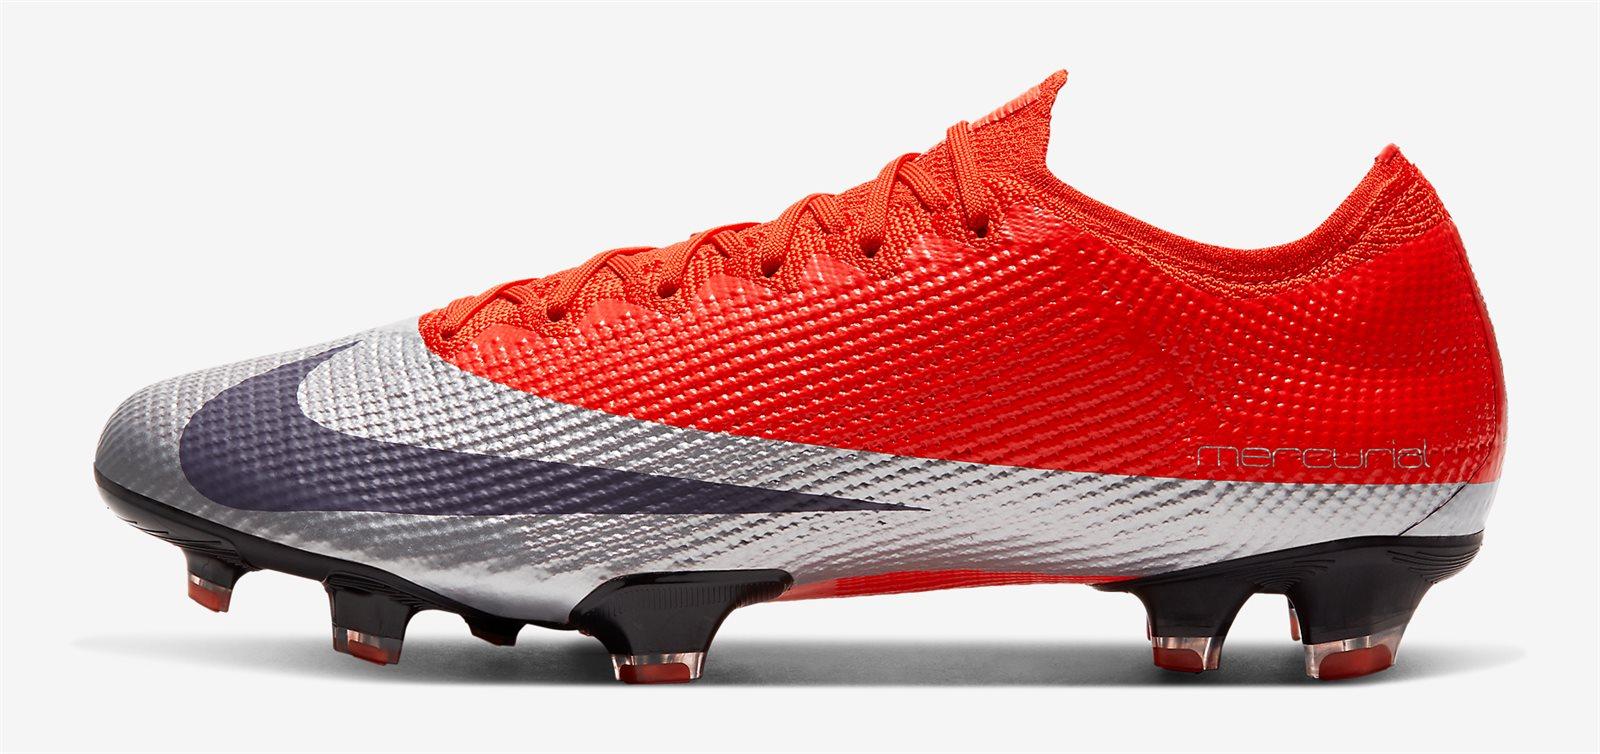 Leroy Sané Football Boots